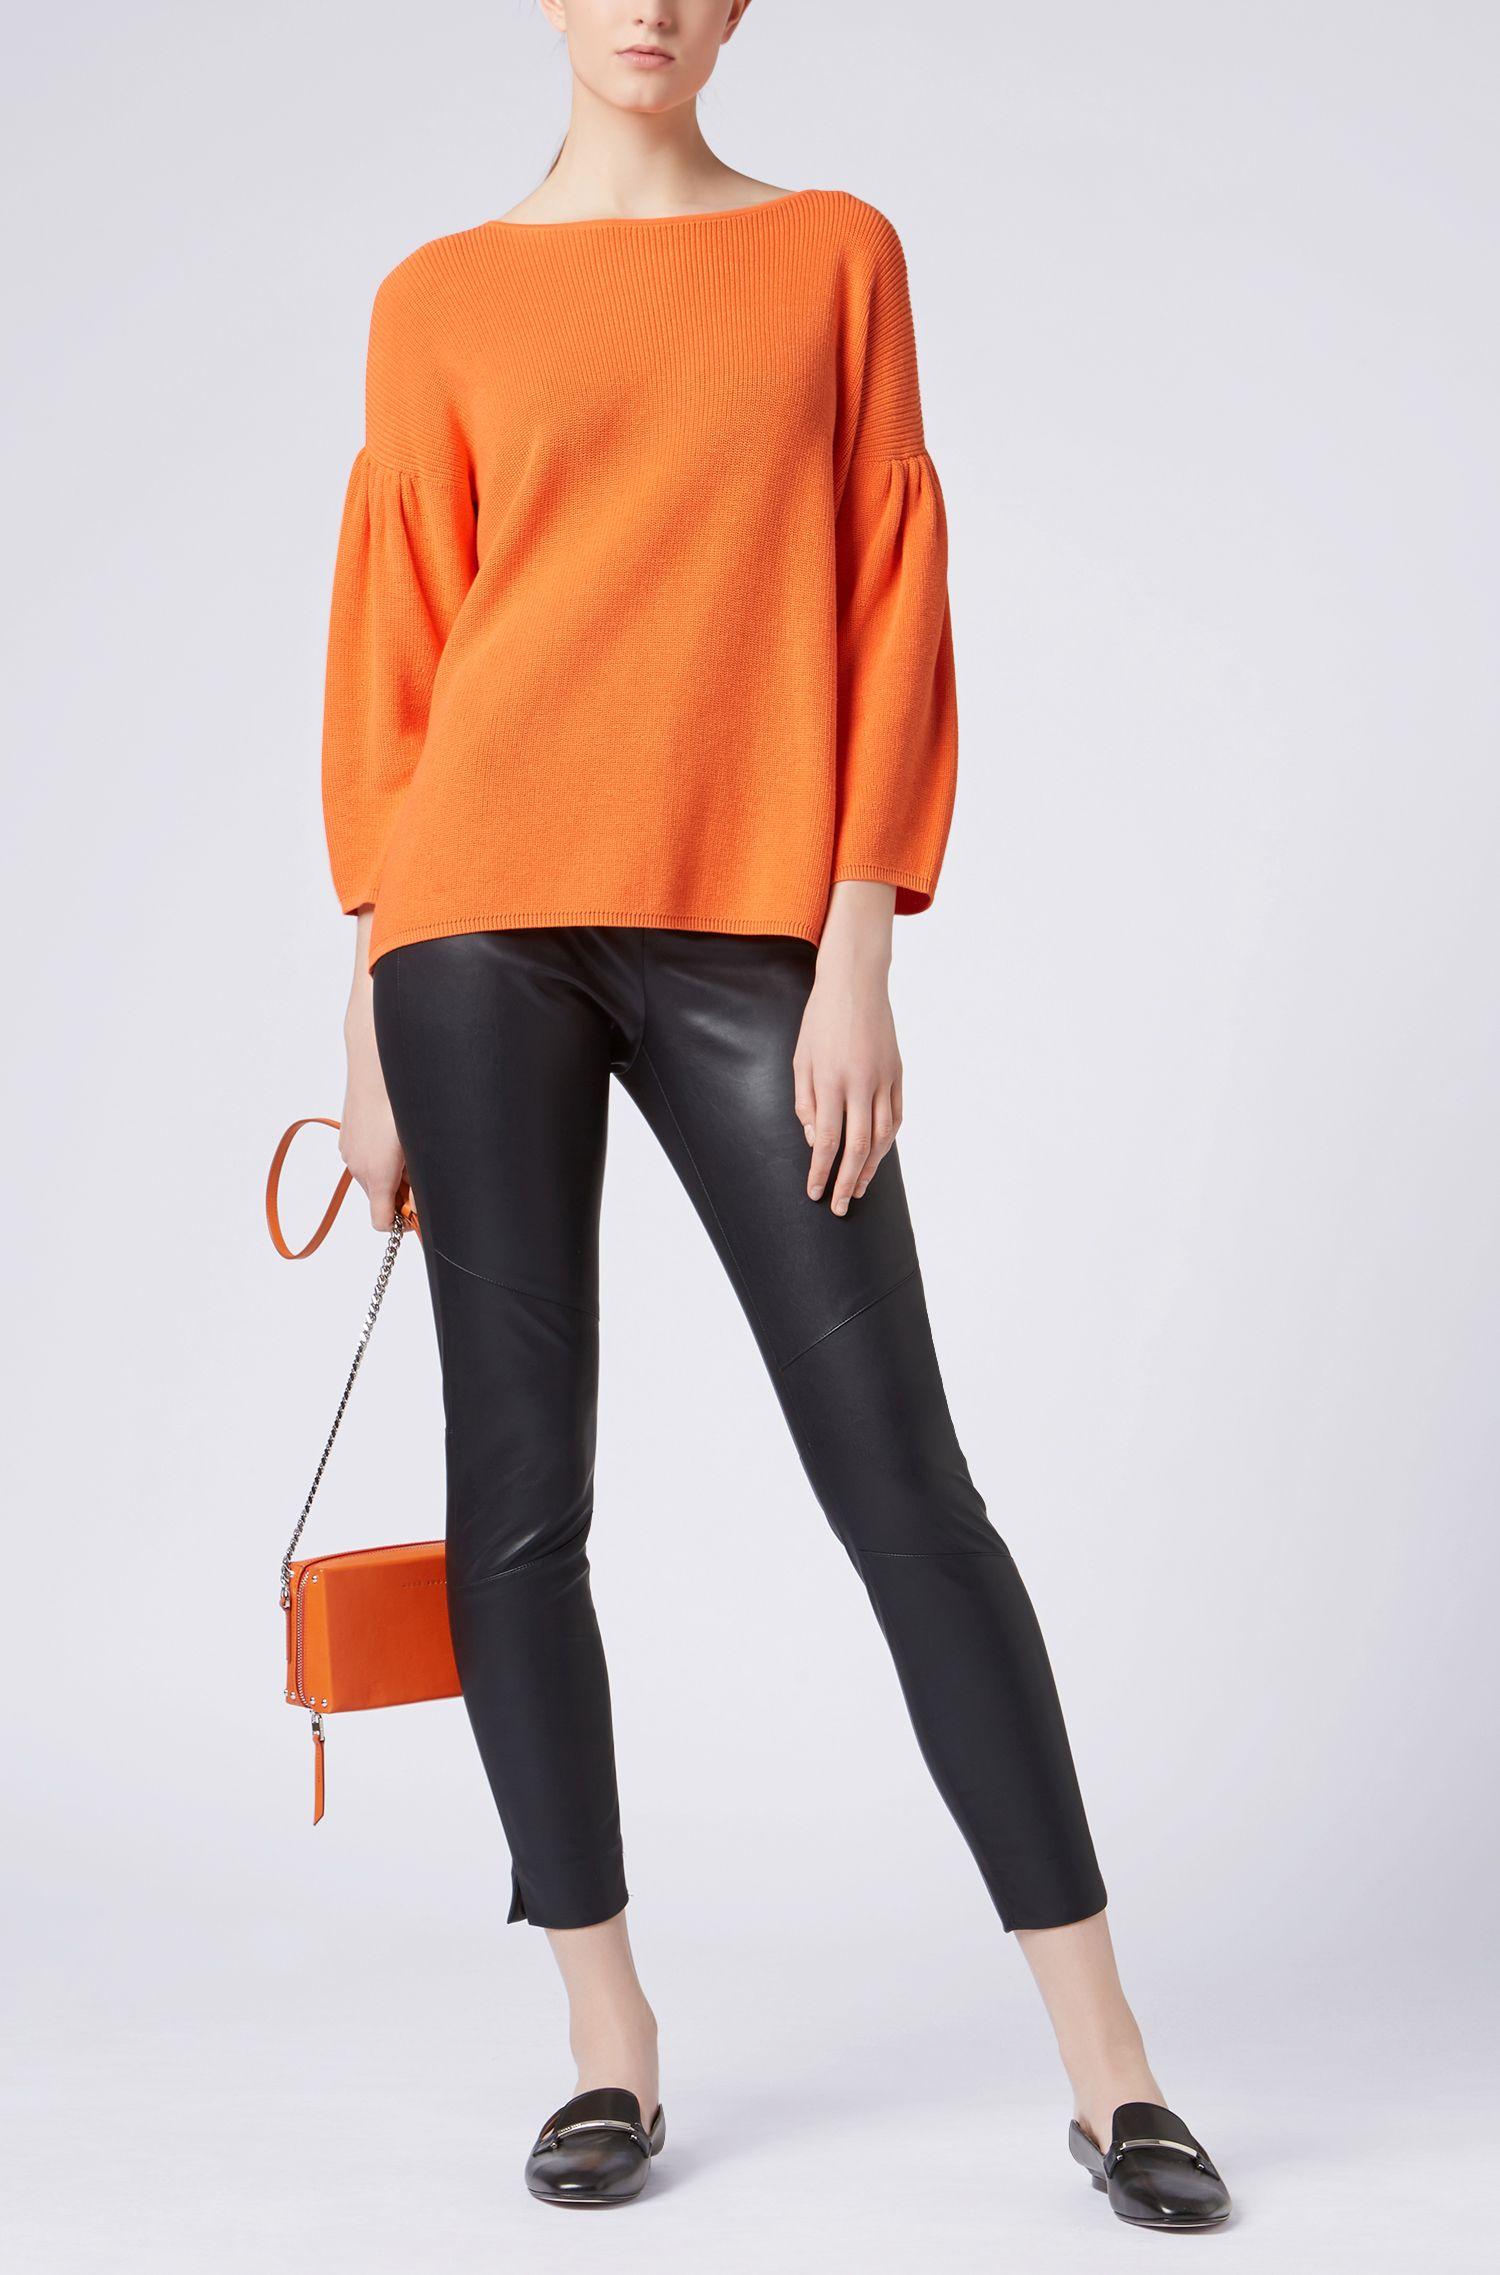 Maglione con scollo a barca, spalle scivolate e maniche arricciate, Arancione